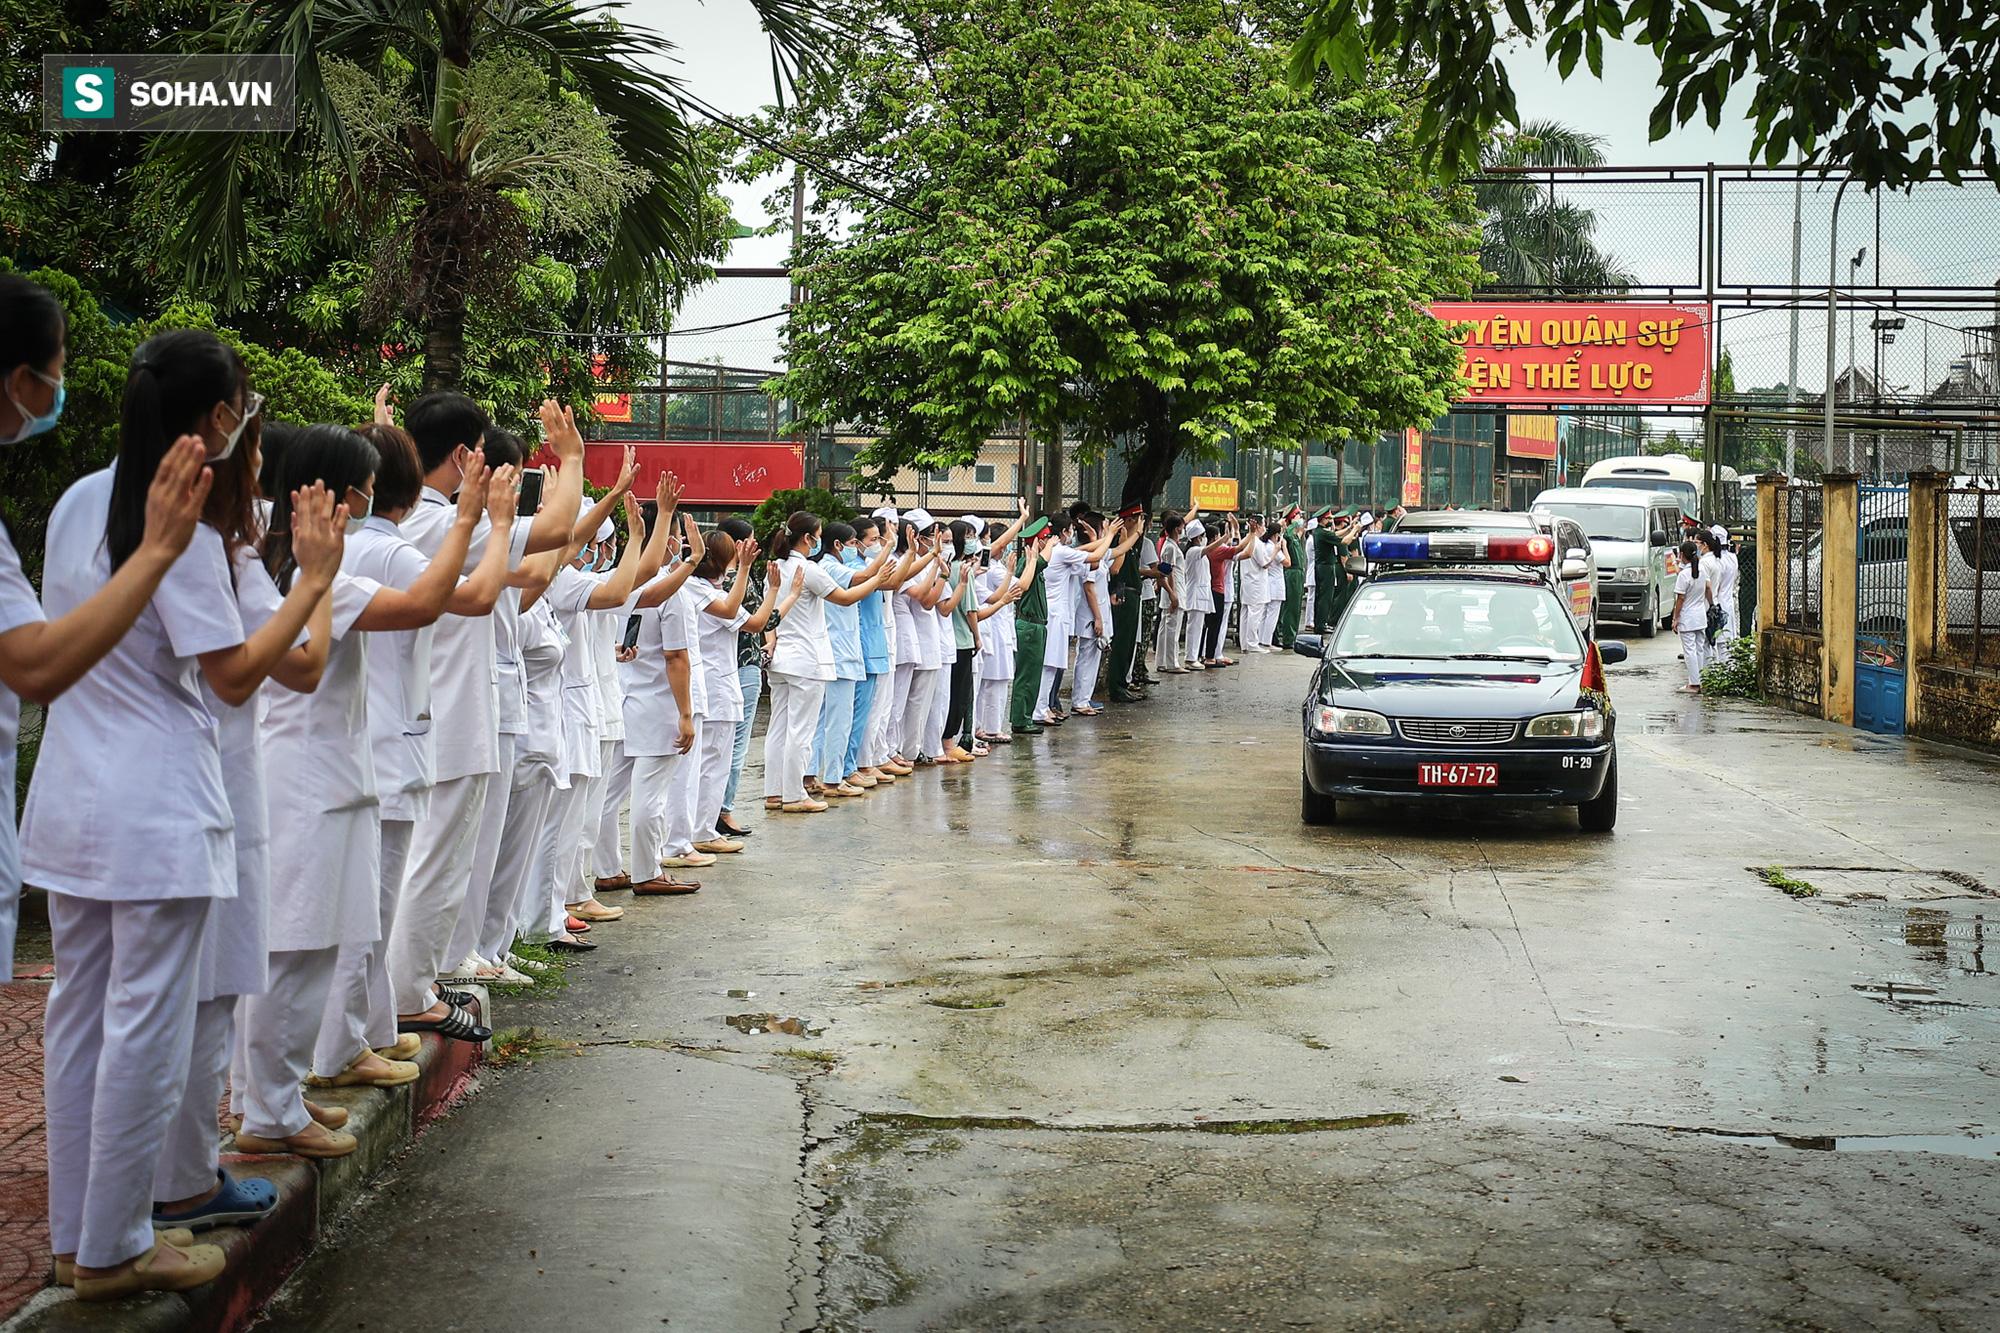 Khoảnh khắc xúc động của 130 y bác sĩ lên đường chi viện cho miền Nam chống dịch - Ảnh 11.